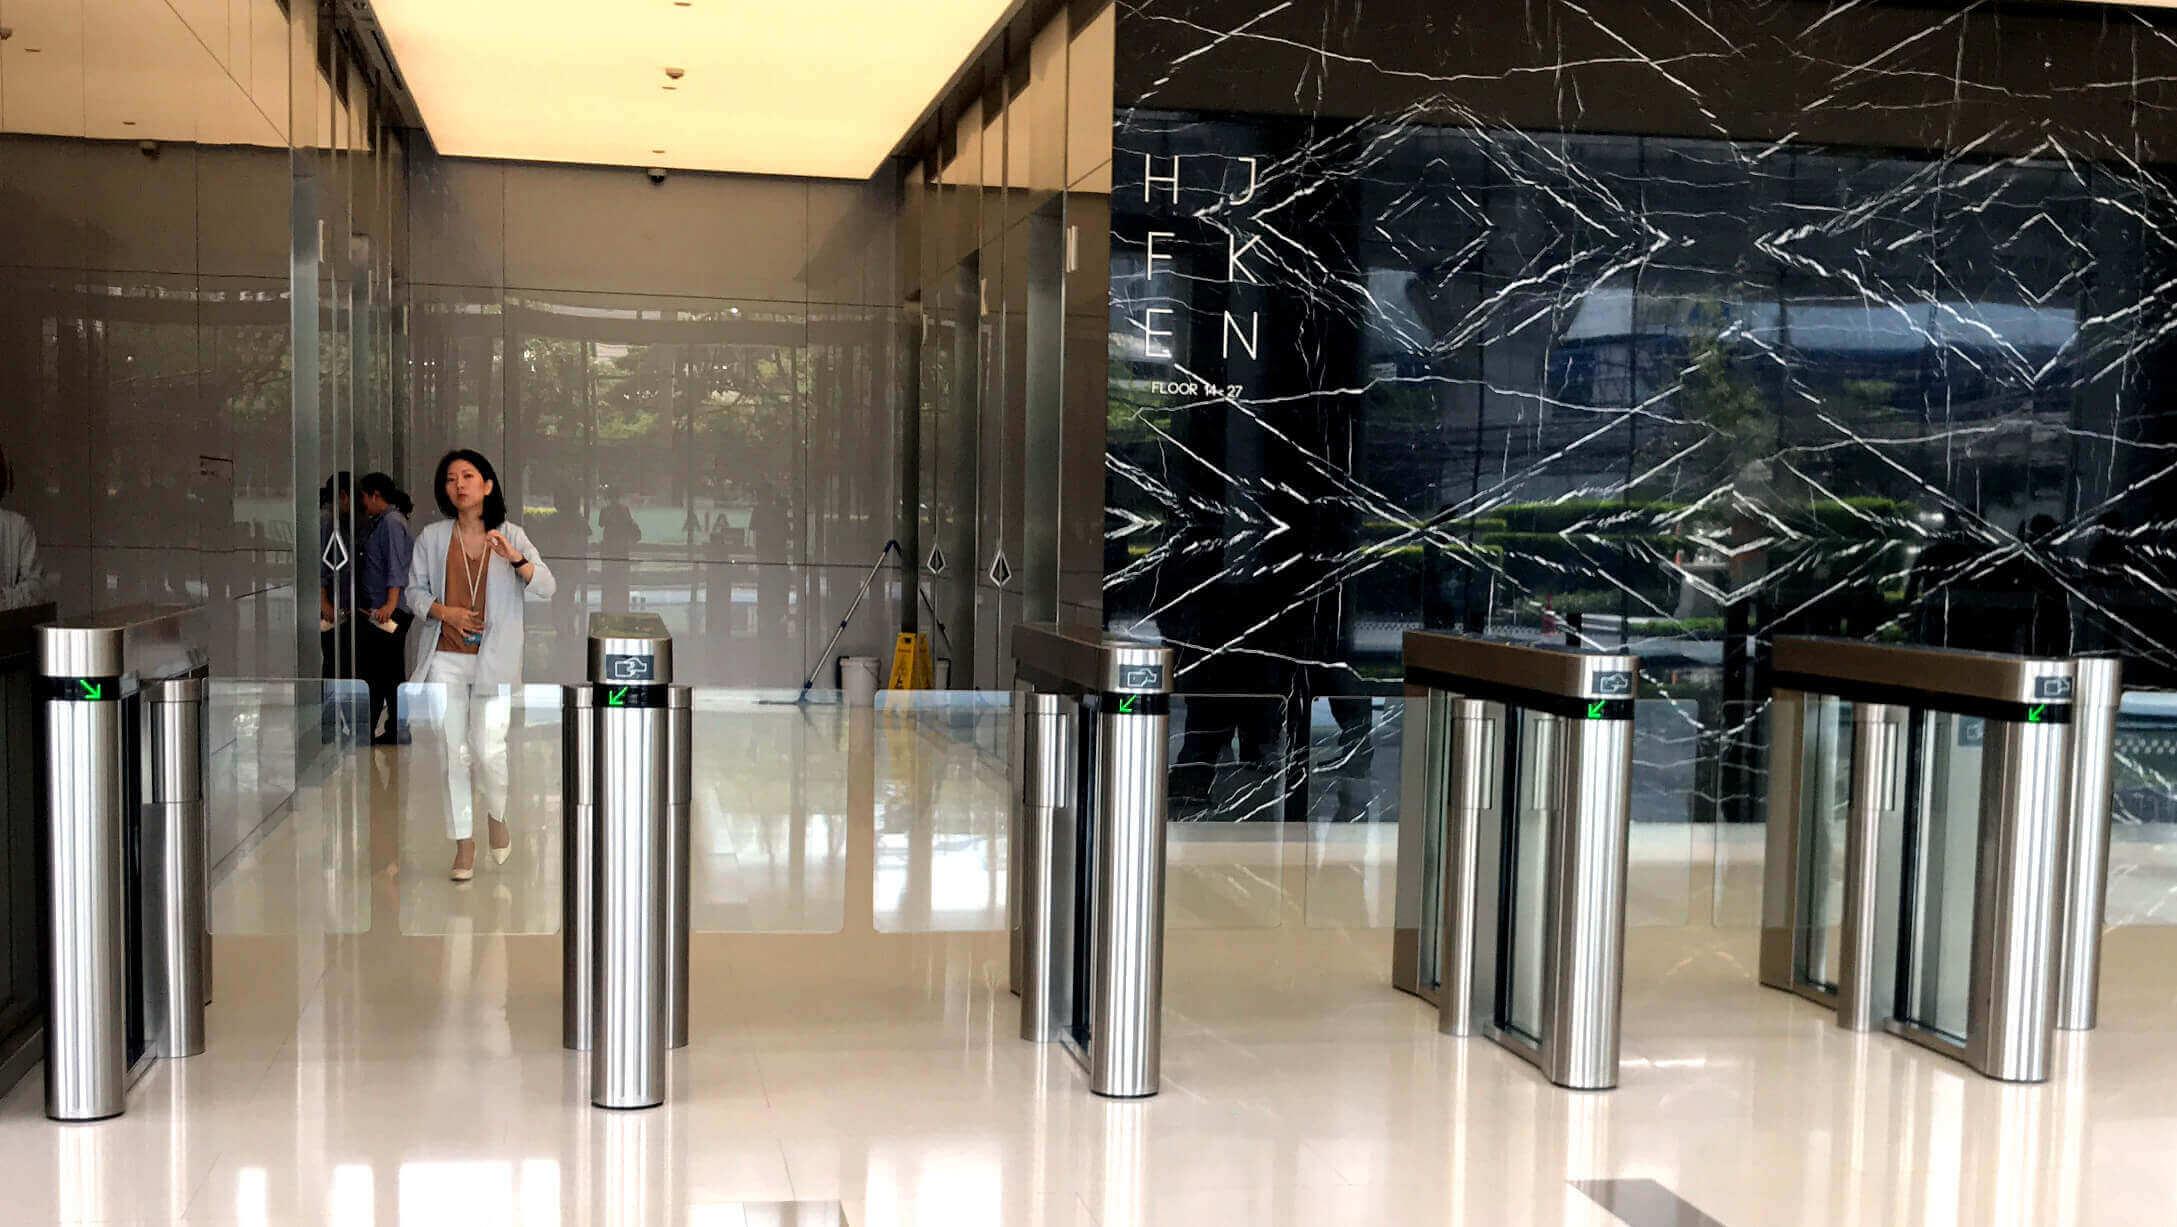 バンコク オフィス物件 AIA Sathorn Tower オフィススペース入口のセキュリティーゲート